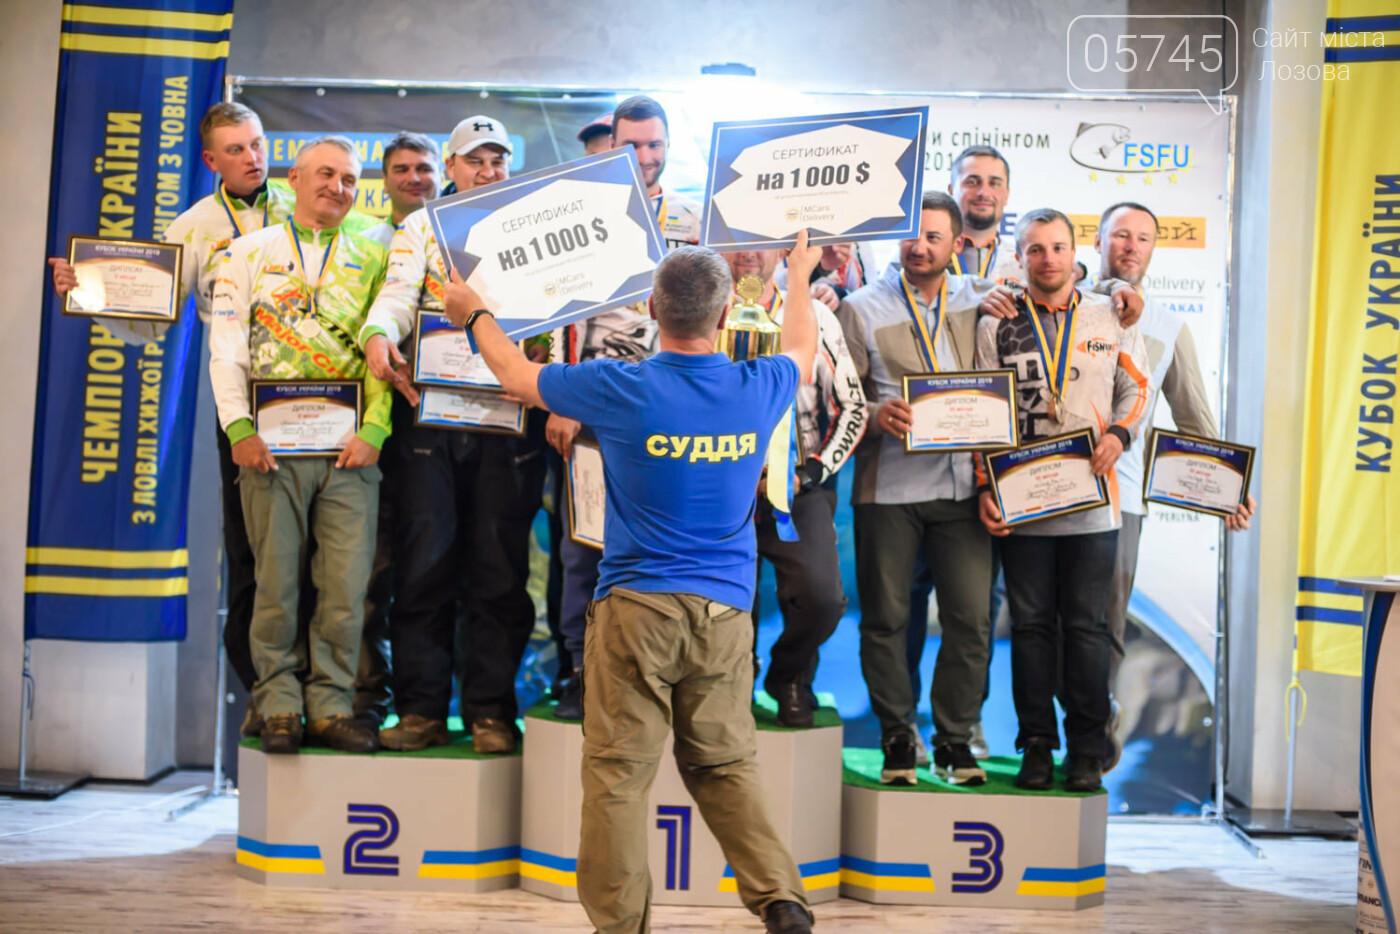 Рыболовы-спортсмены Лозовой заняли призовое место на Кубке Украины по ловле хищной рыбы, фото-1